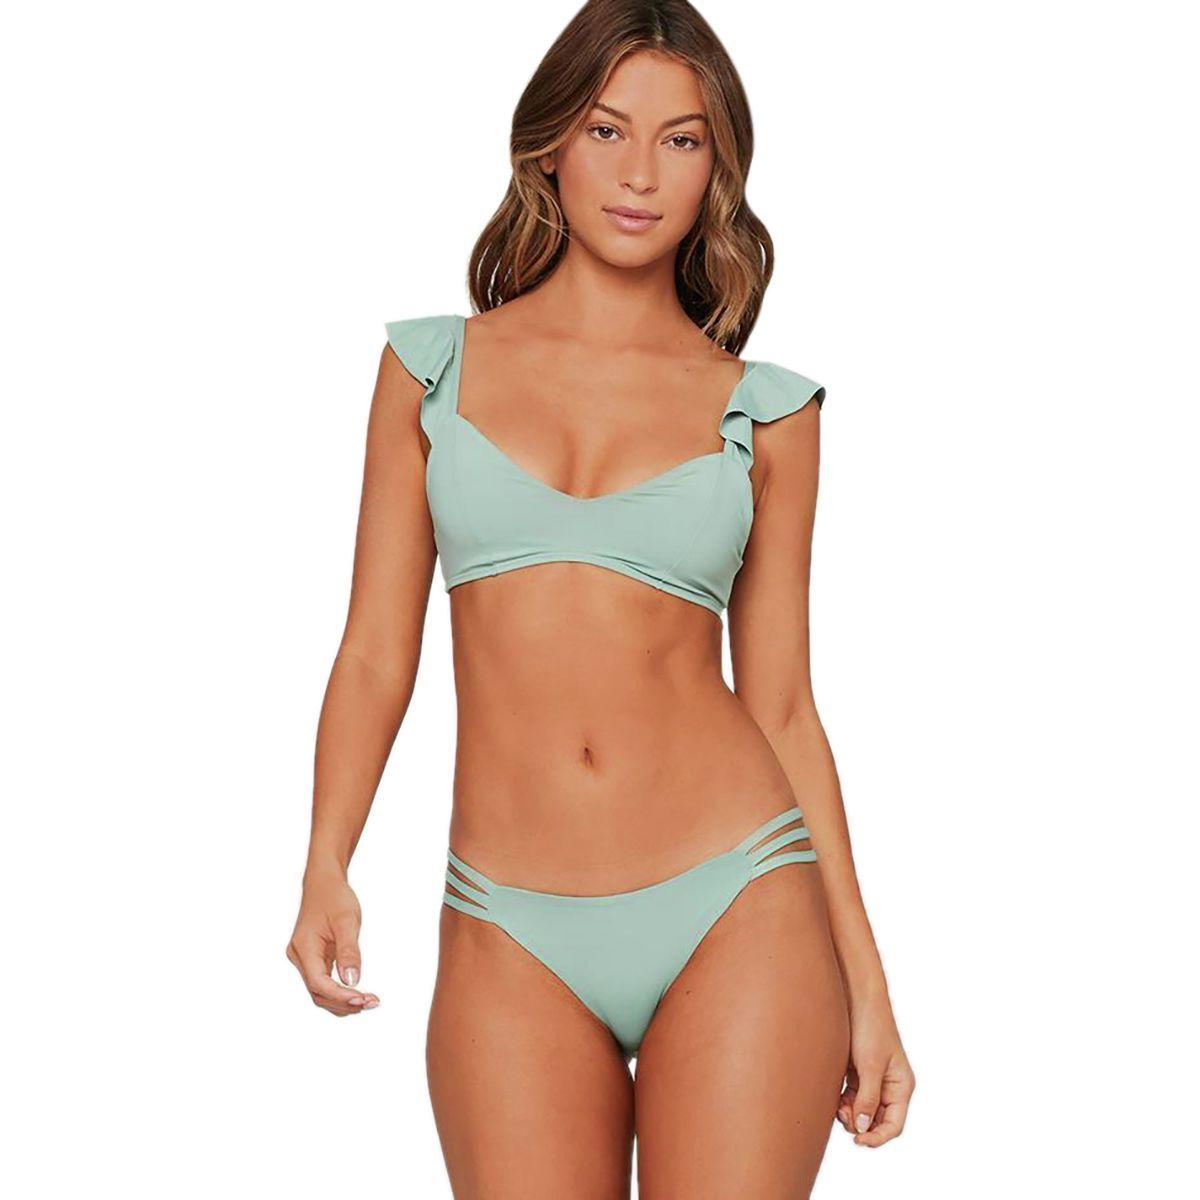 L Space Harper Bikini Top - Women's